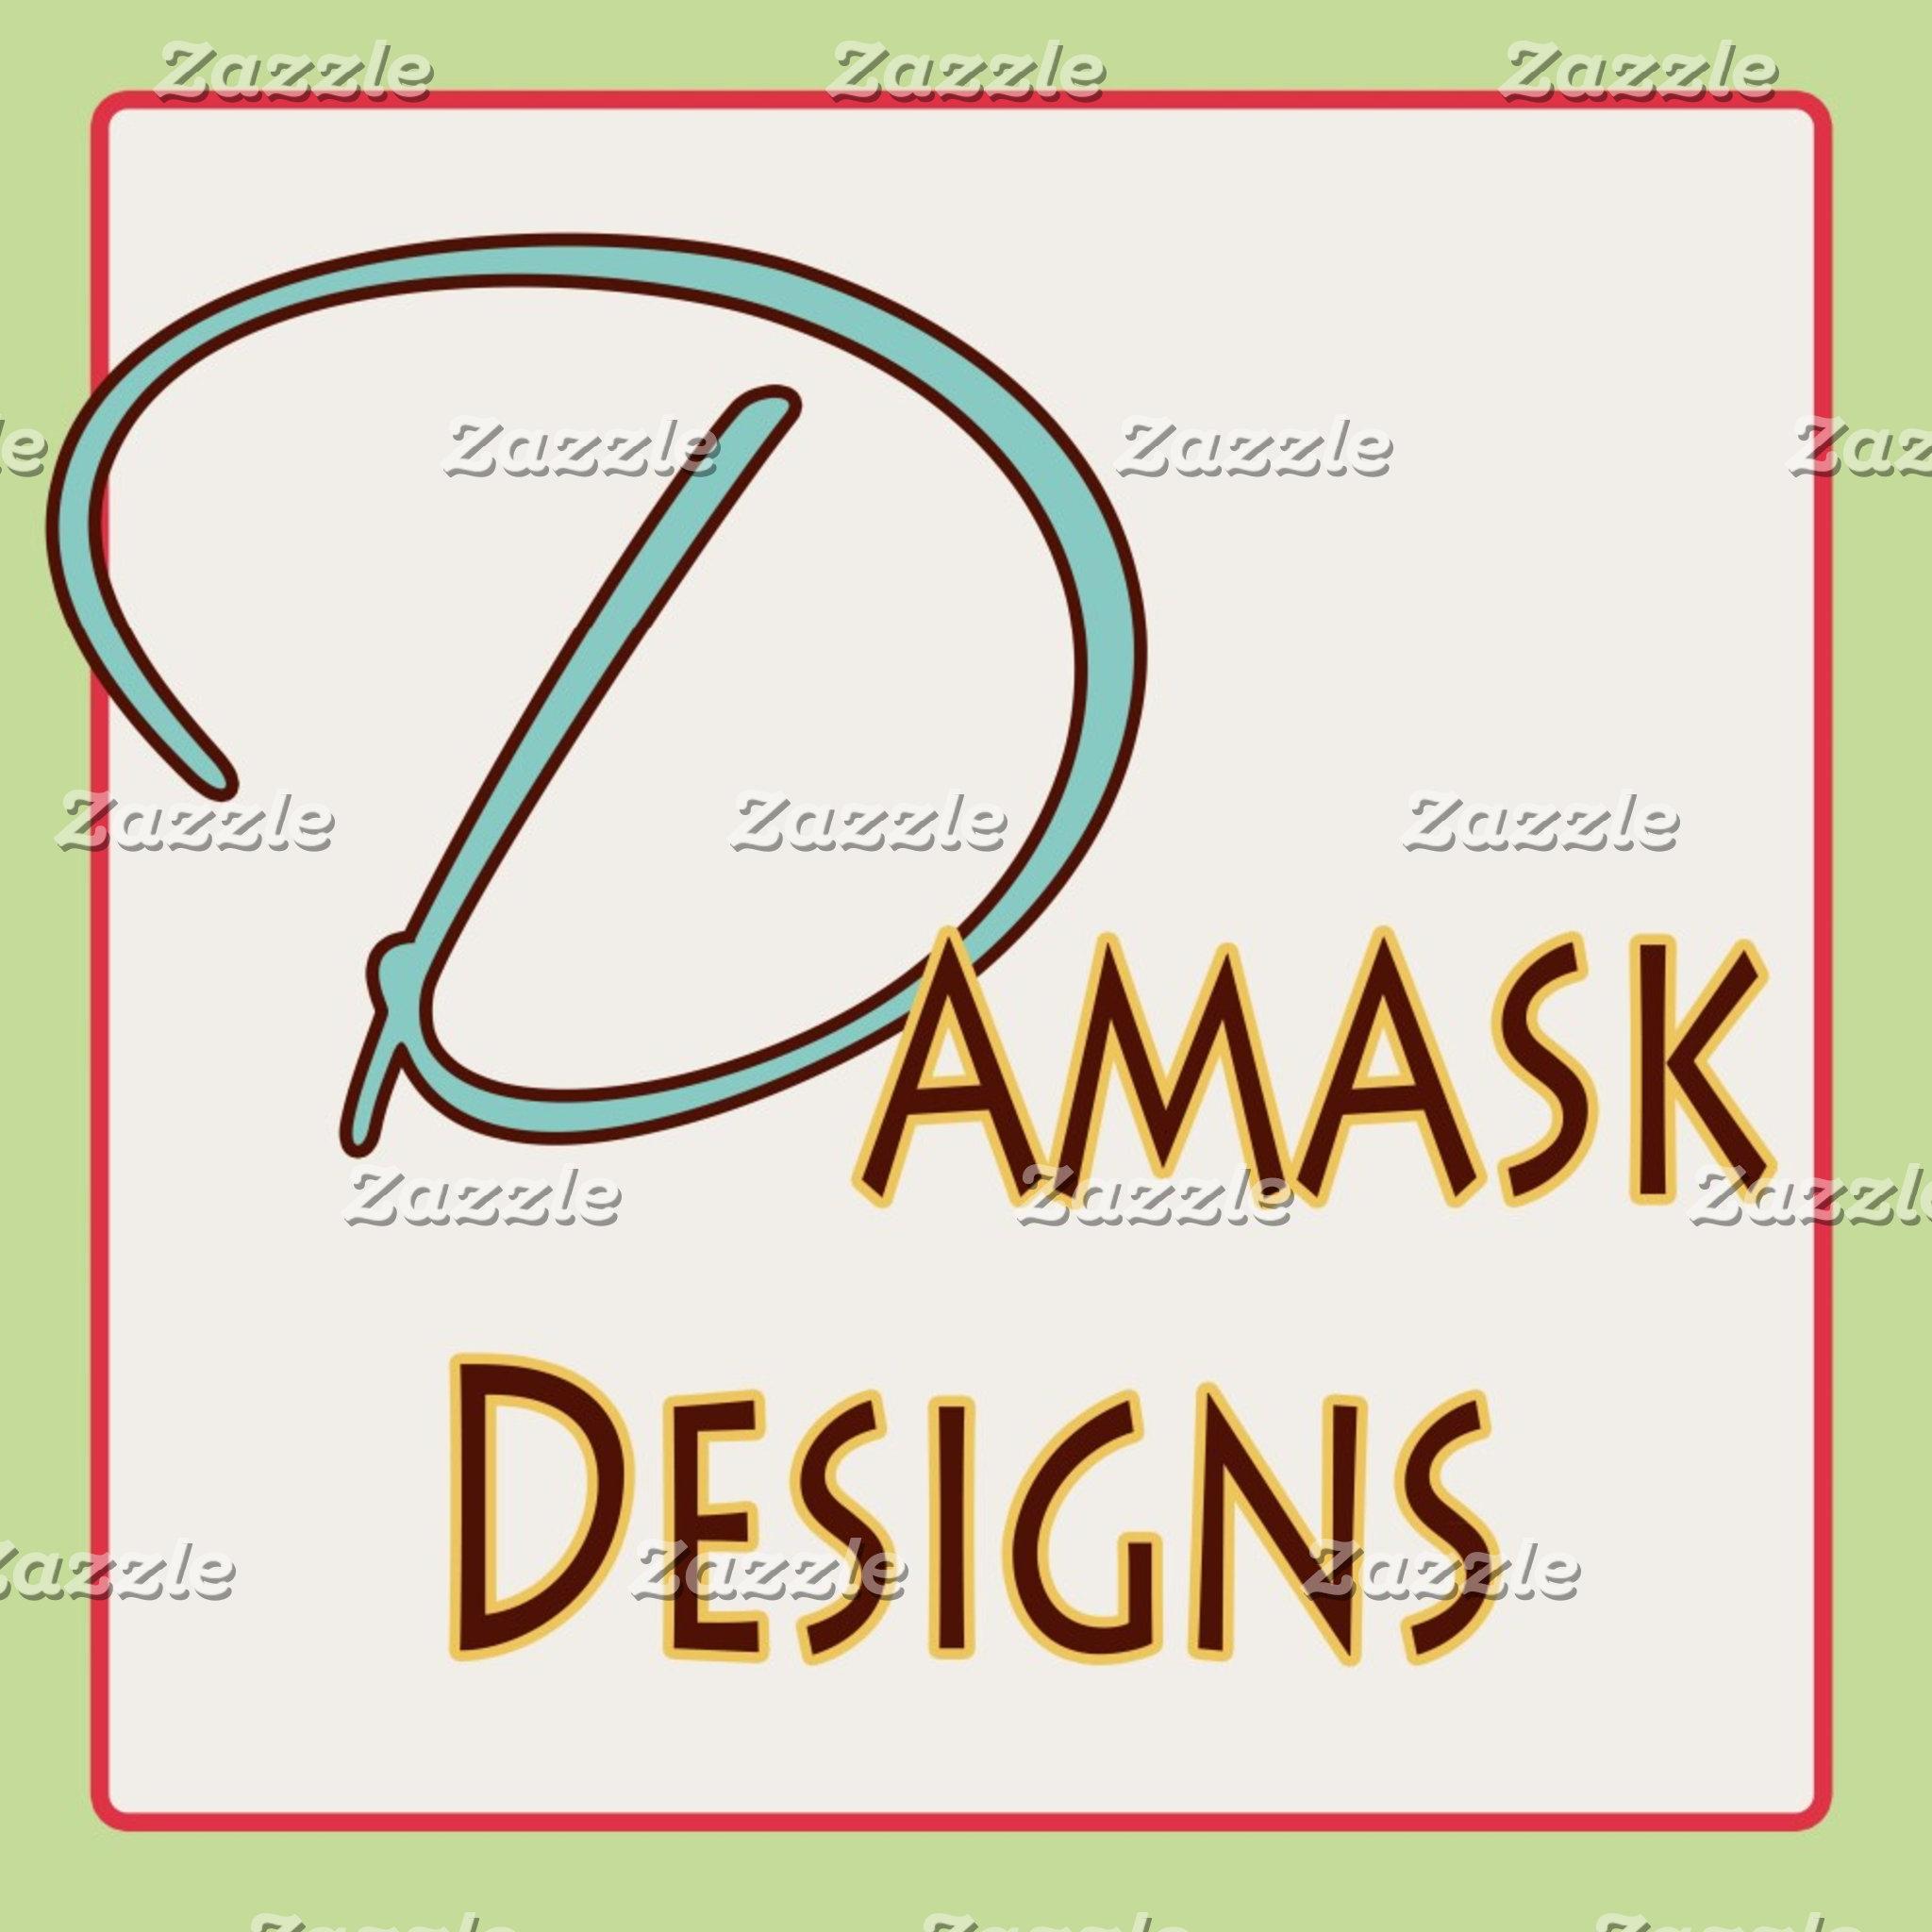 Damask Designs